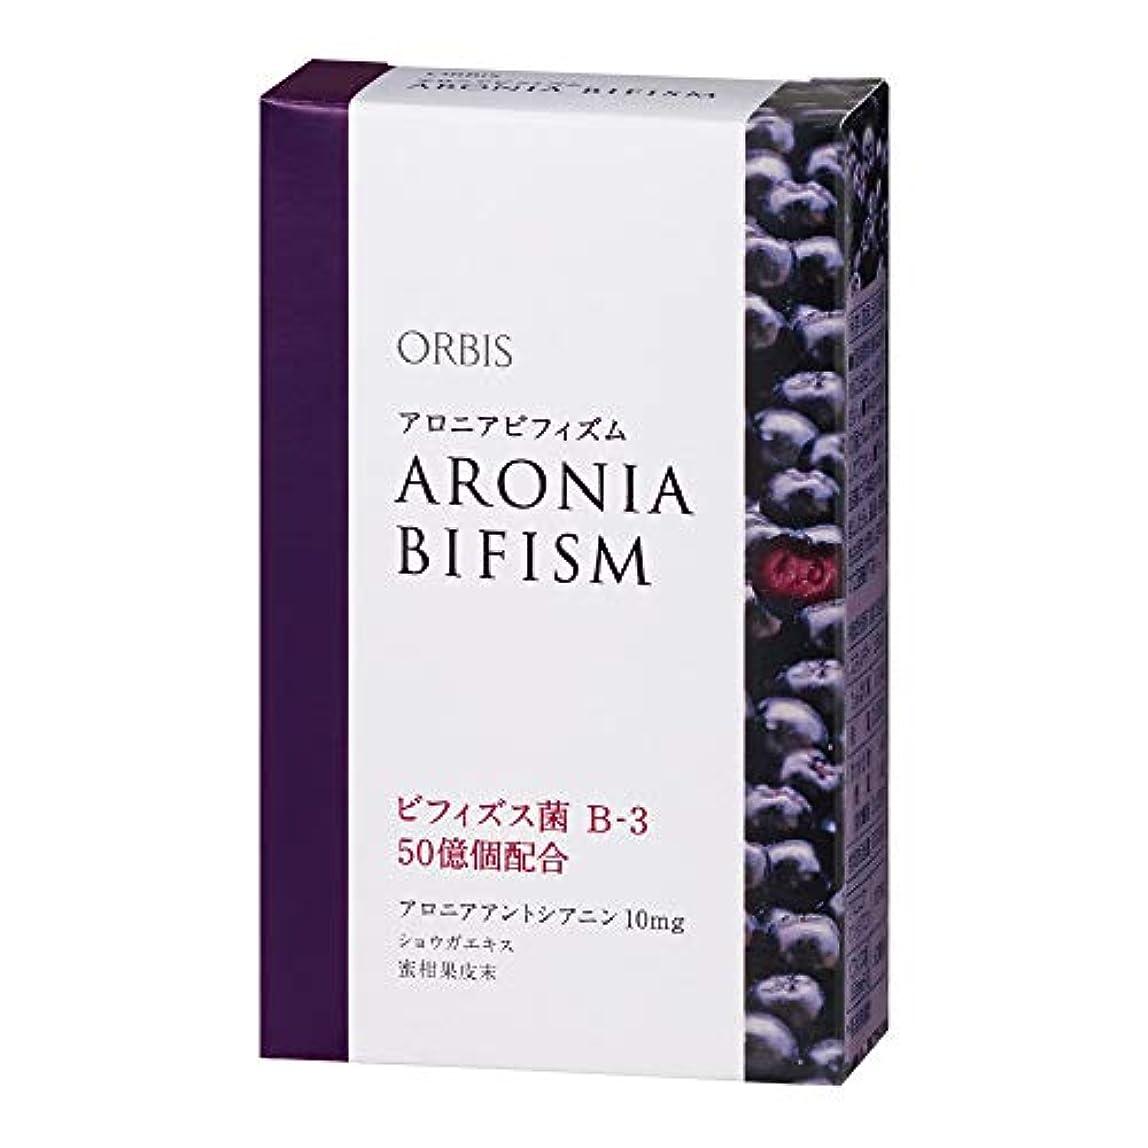 空白屋内で除外するオルビス(ORBIS) アロニアビフィズム(ミックスベリー風味) 15日分(1.5g×15袋) ◎美容サプリメント◎